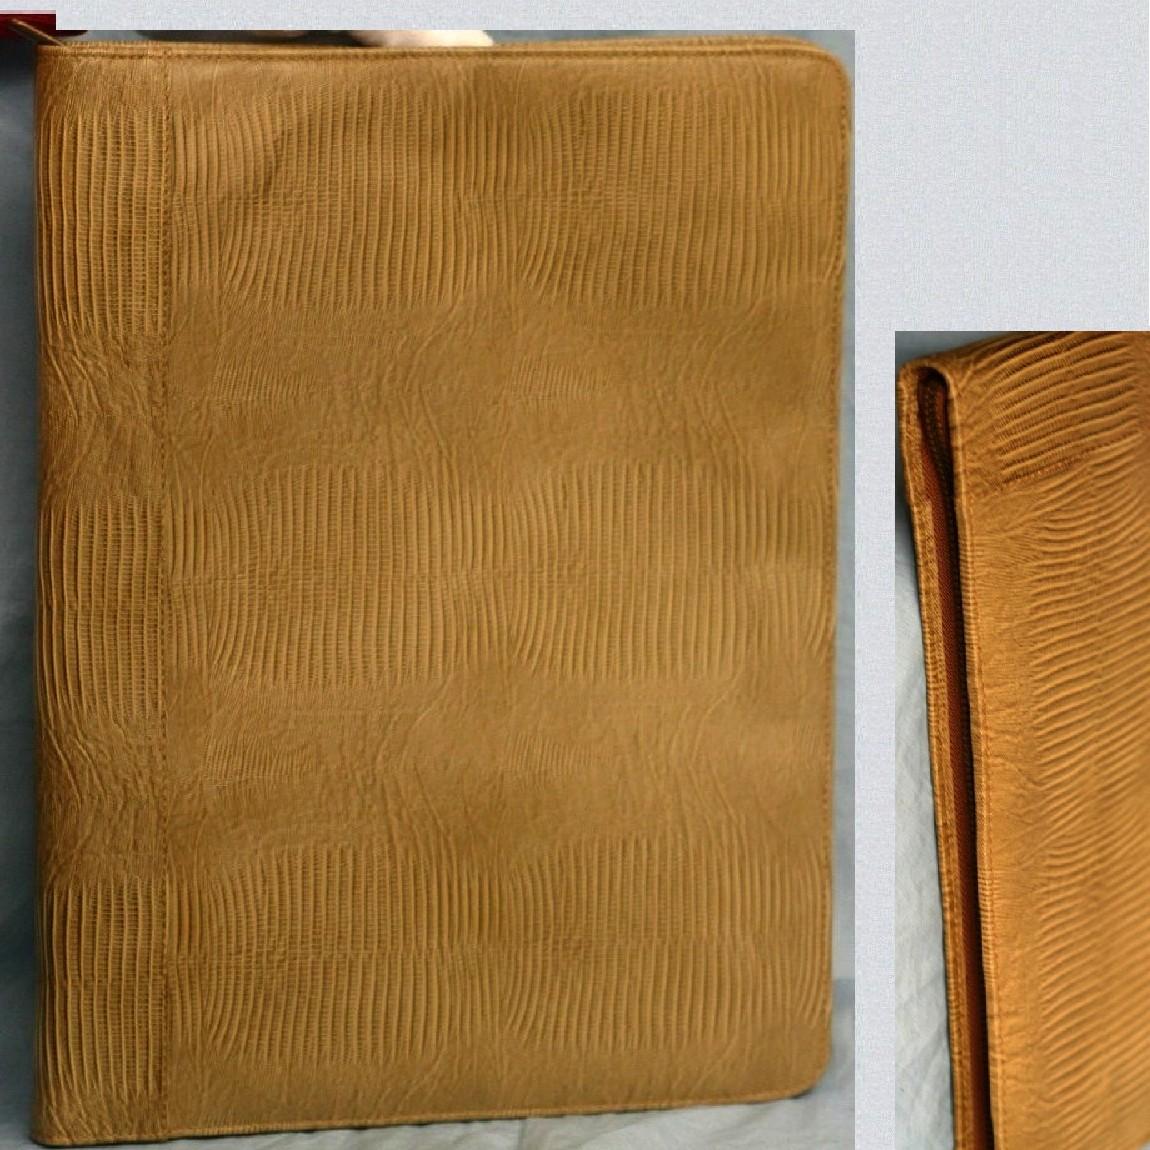 【中古】本物新品同様トルコ製UNITED ARROWS高級感漂う書類ケース